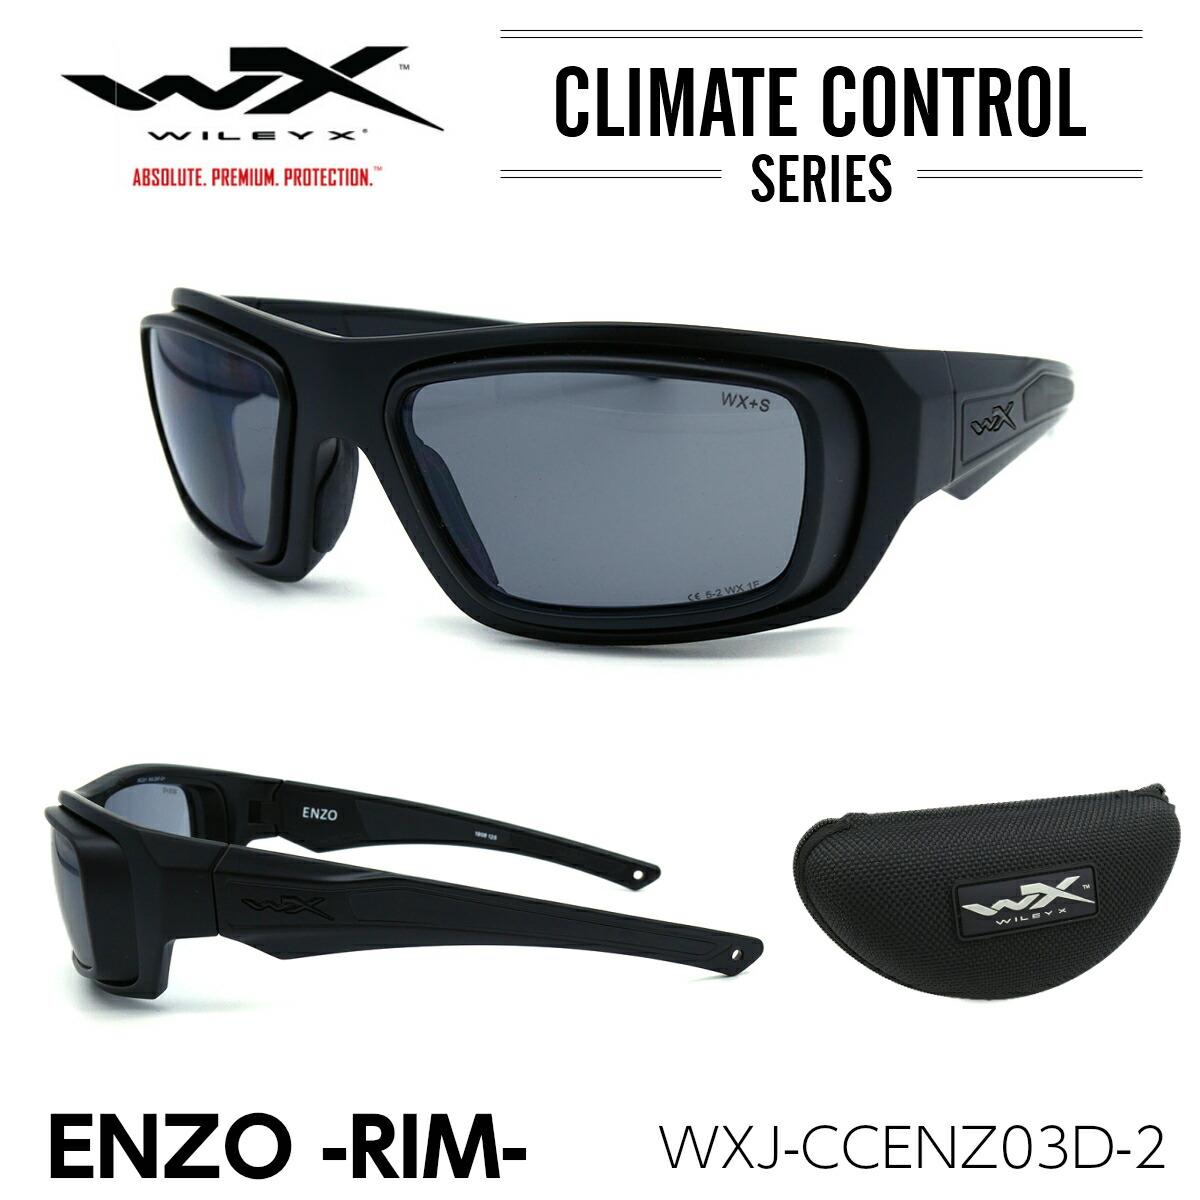 WILEY X ワイリーX サングラス WX ENZO RIM WXJ-CCENZ03D-2 スポーツ アウトドア バイク ロードバイク サバイバル サバゲー コスプレ 映画 ハリウッド 米軍 ミリタリー 保護 耐衝撃性